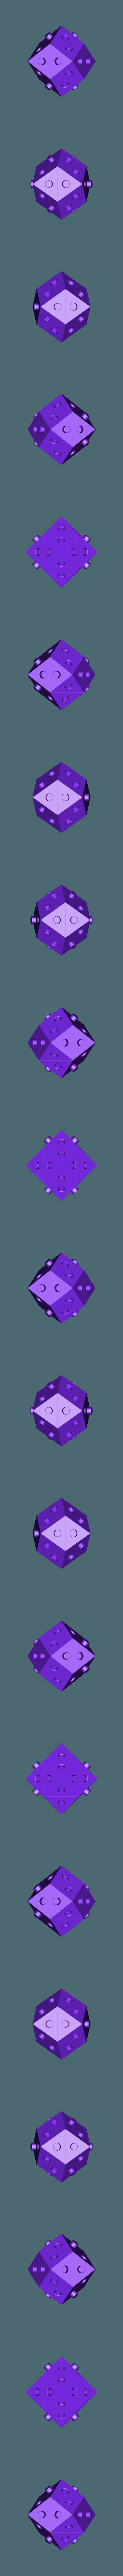 romdoc25.STL Télécharger fichier STL gratuit bloc de bulbe rhom-dod (dodécaèdre rhombique) • Design à imprimer en 3D, rubenzilzer